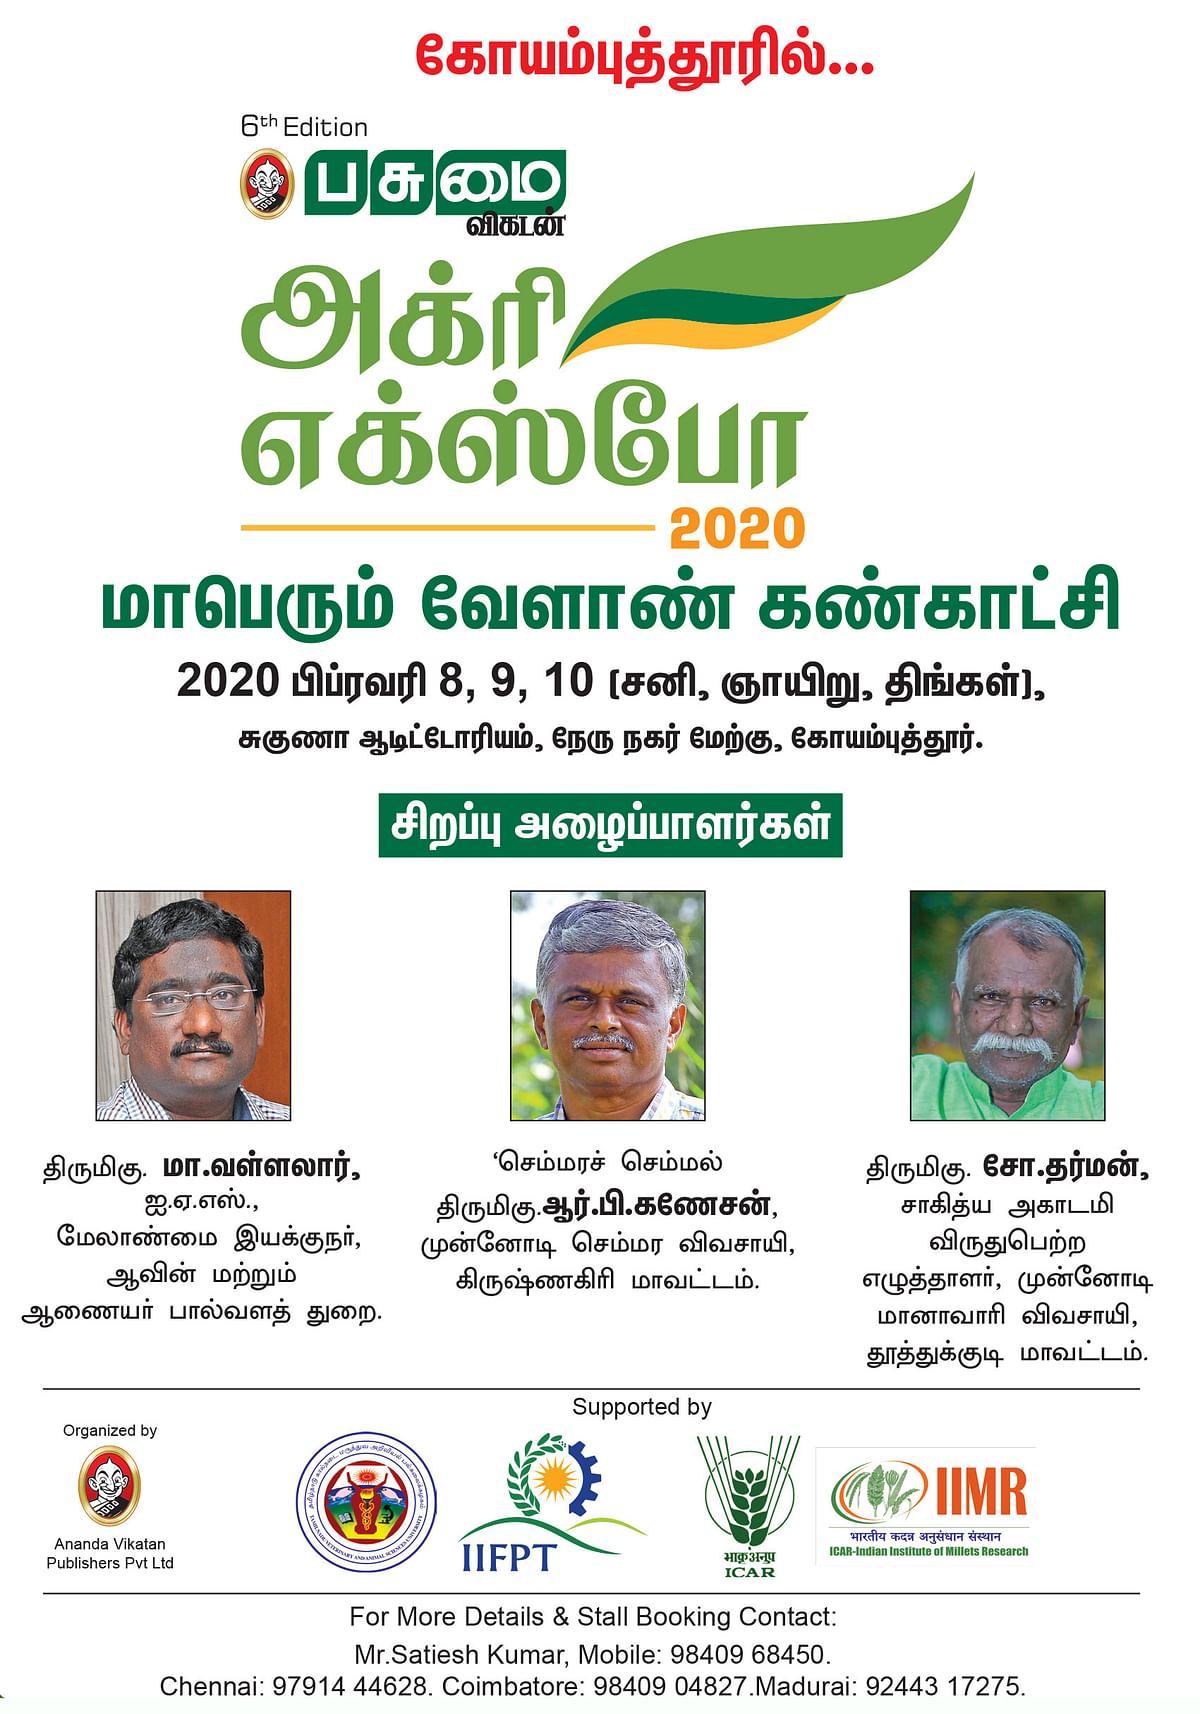 பசுமை விகடன் அக்ரி எக்ஸ்போ - கோயம்புத்தூரில்... 2020